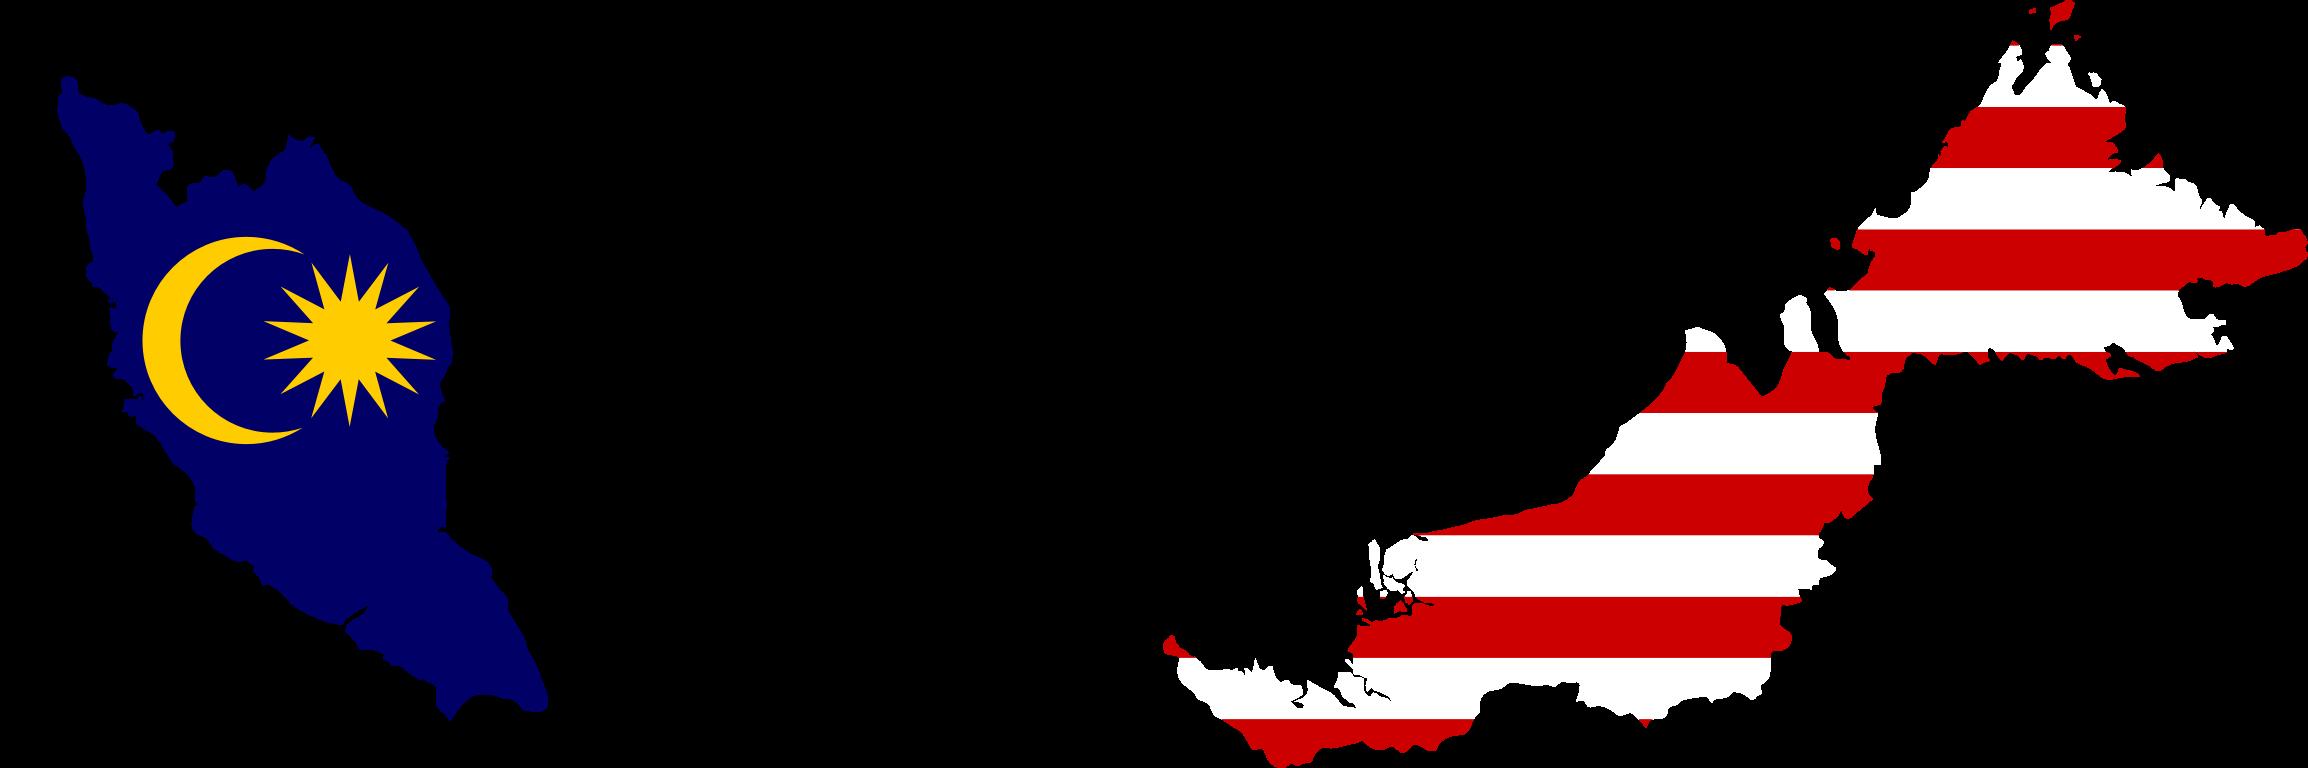 Clipart Malaysia Map Flag - Malaysia map